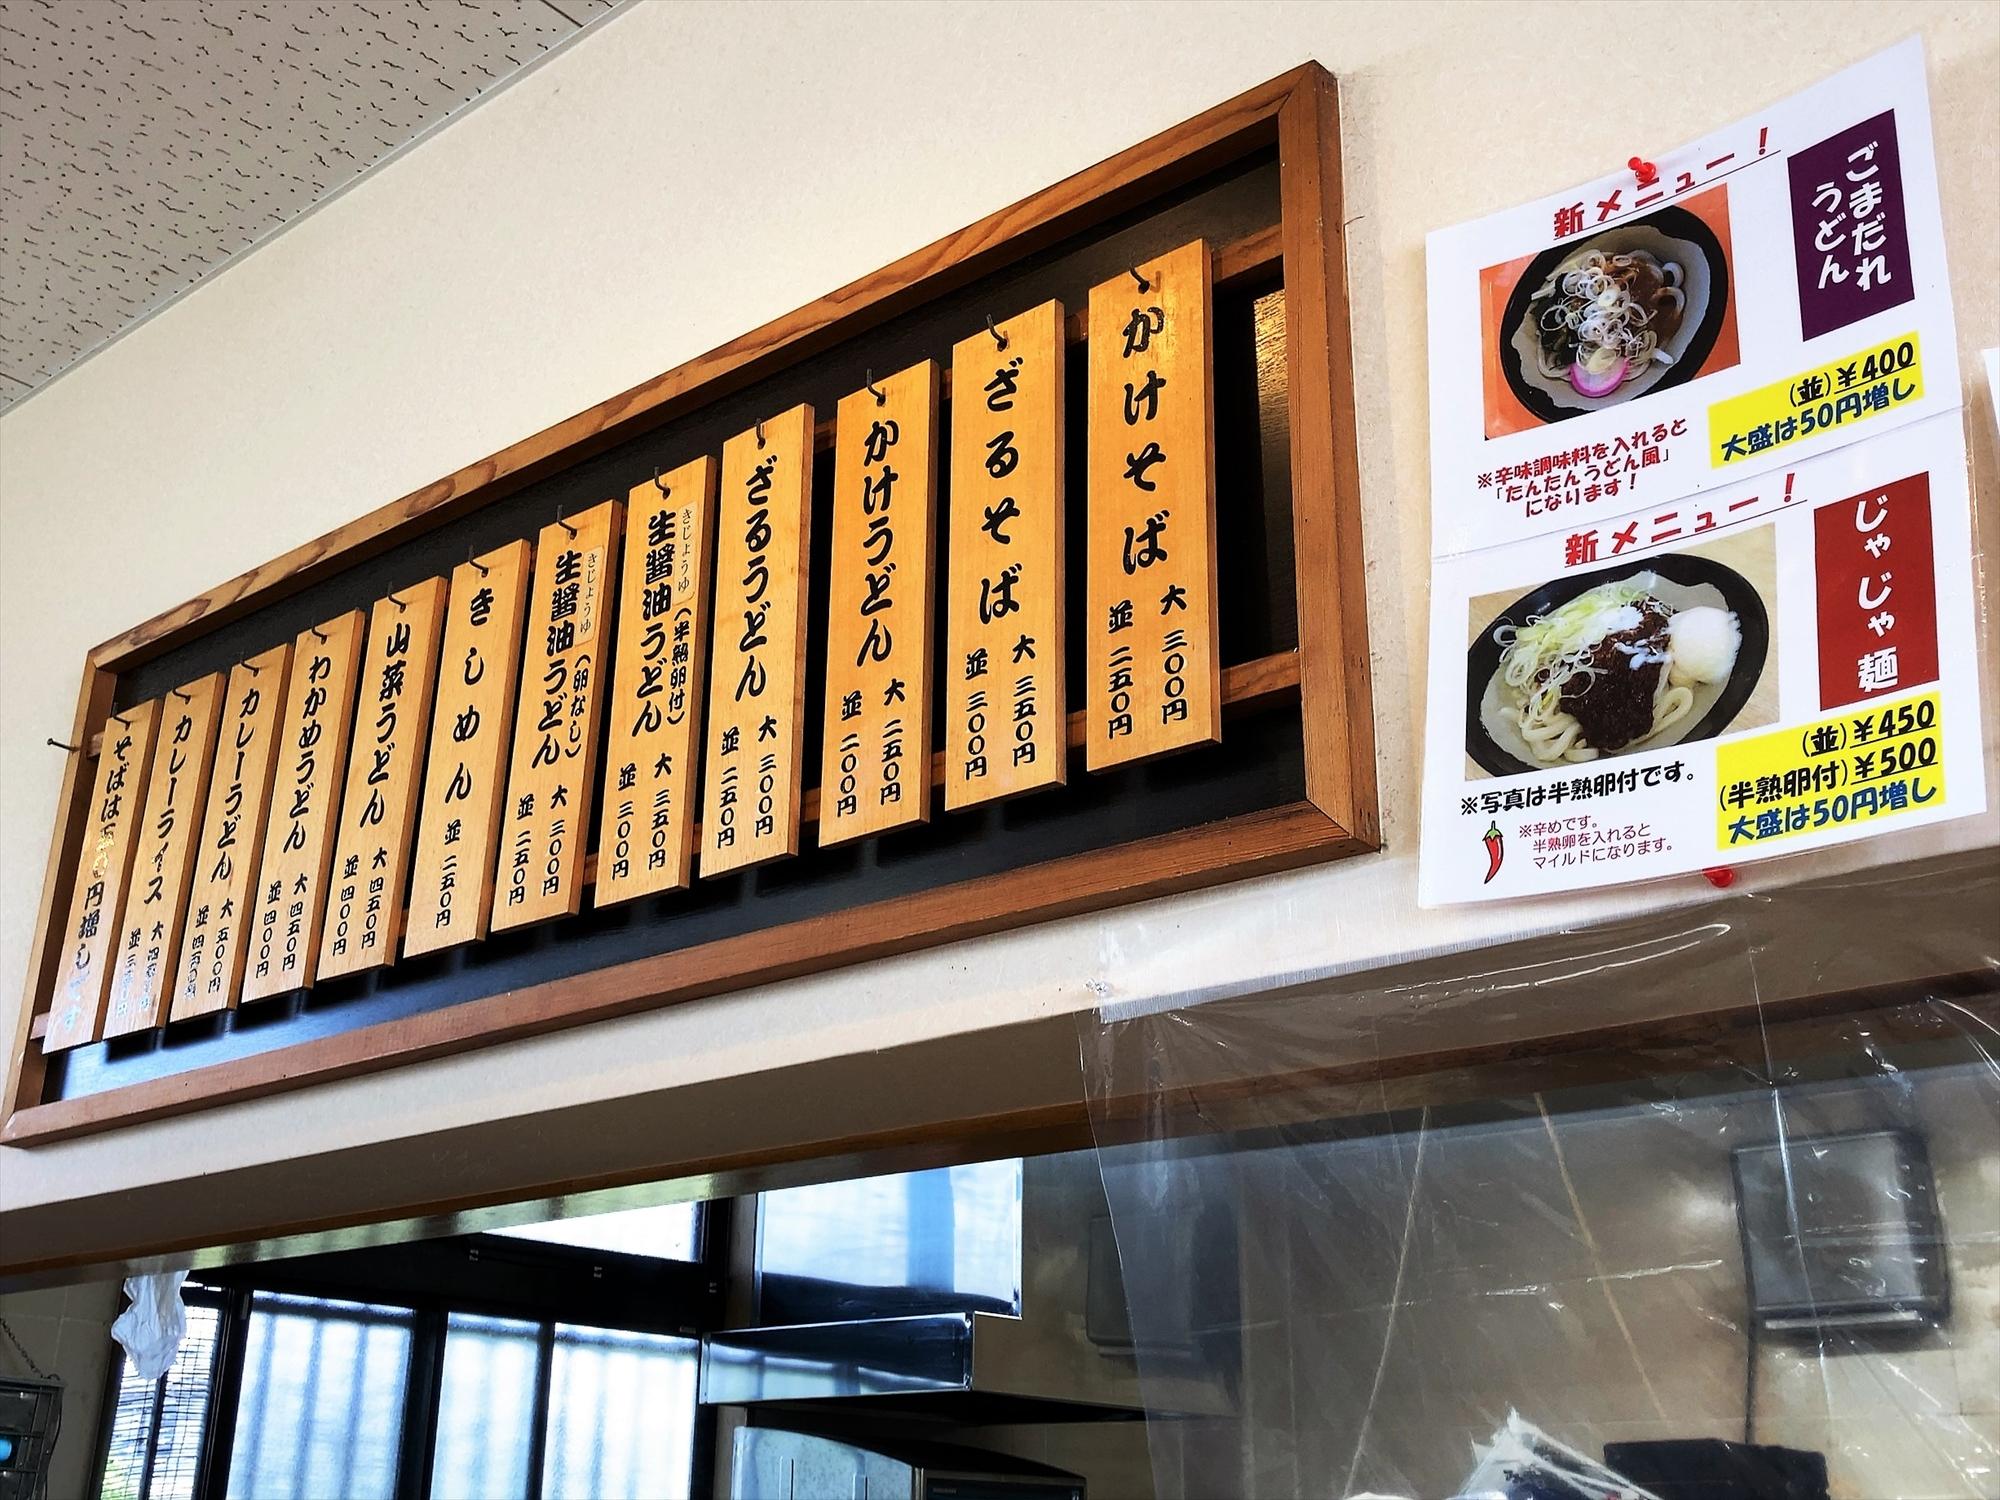 めん処 杢屋 浜松入野店のメニュー